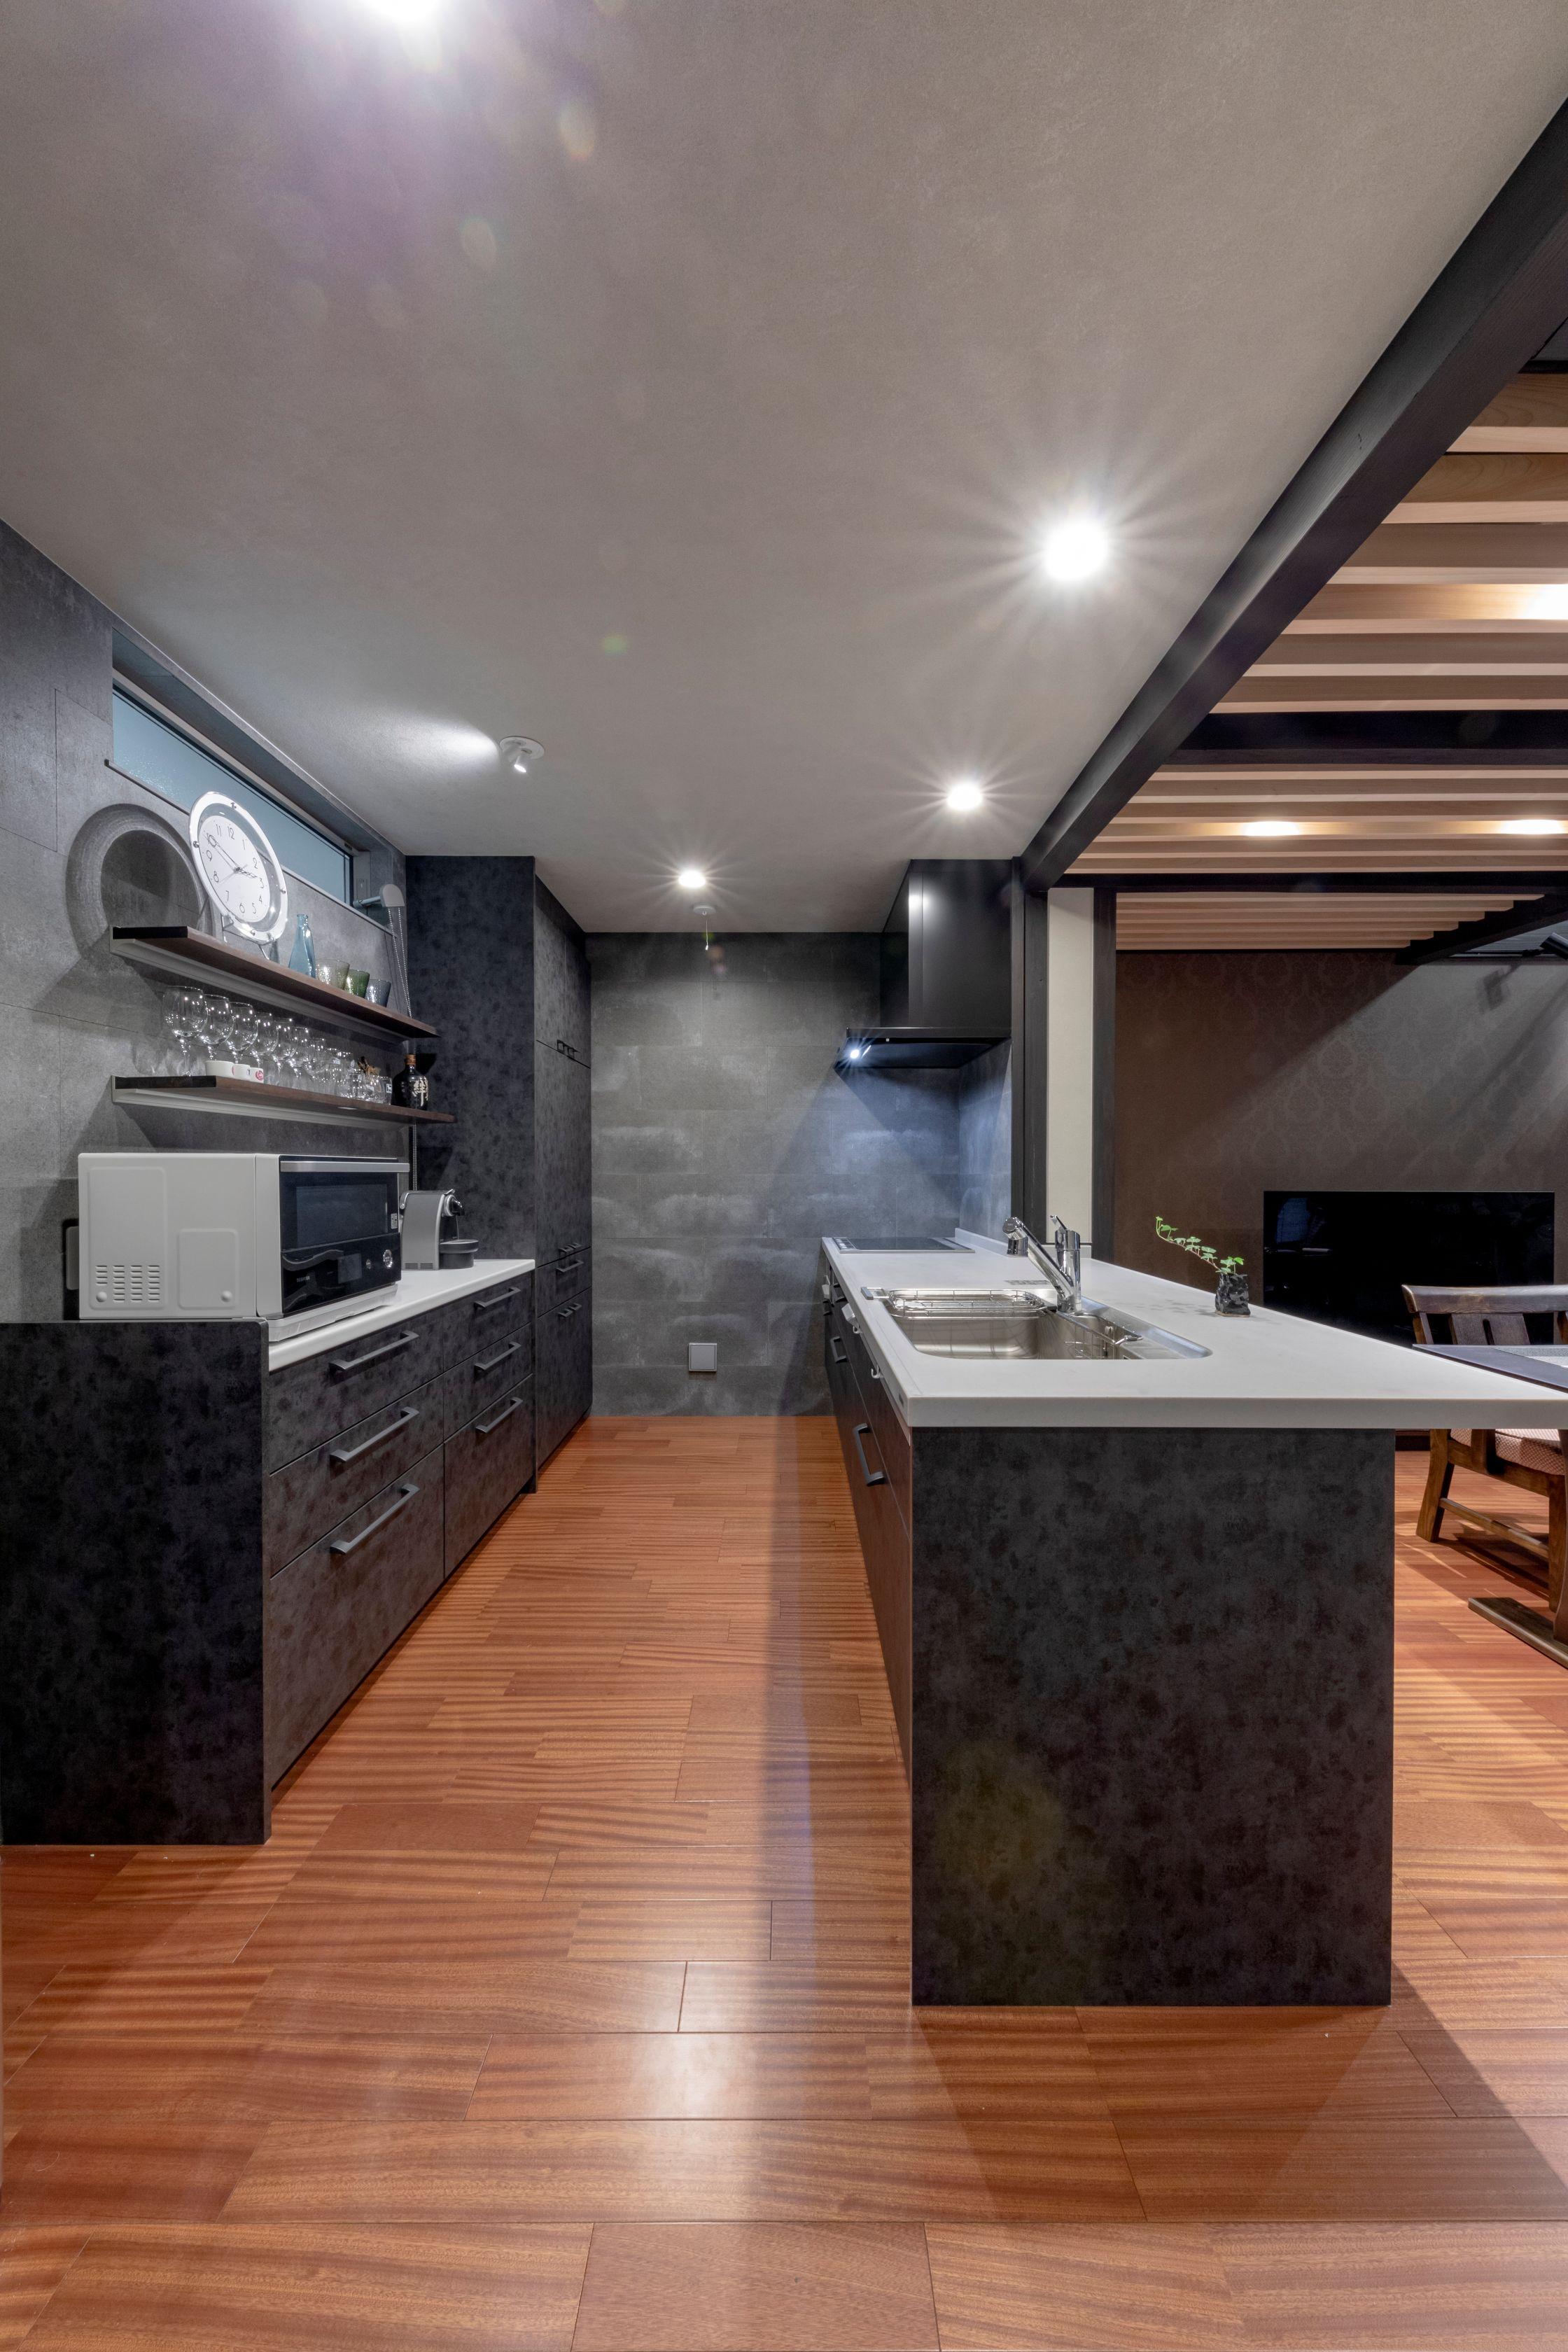 竹原市❘黒を基調とした男前キッチン「ラクシーナ」